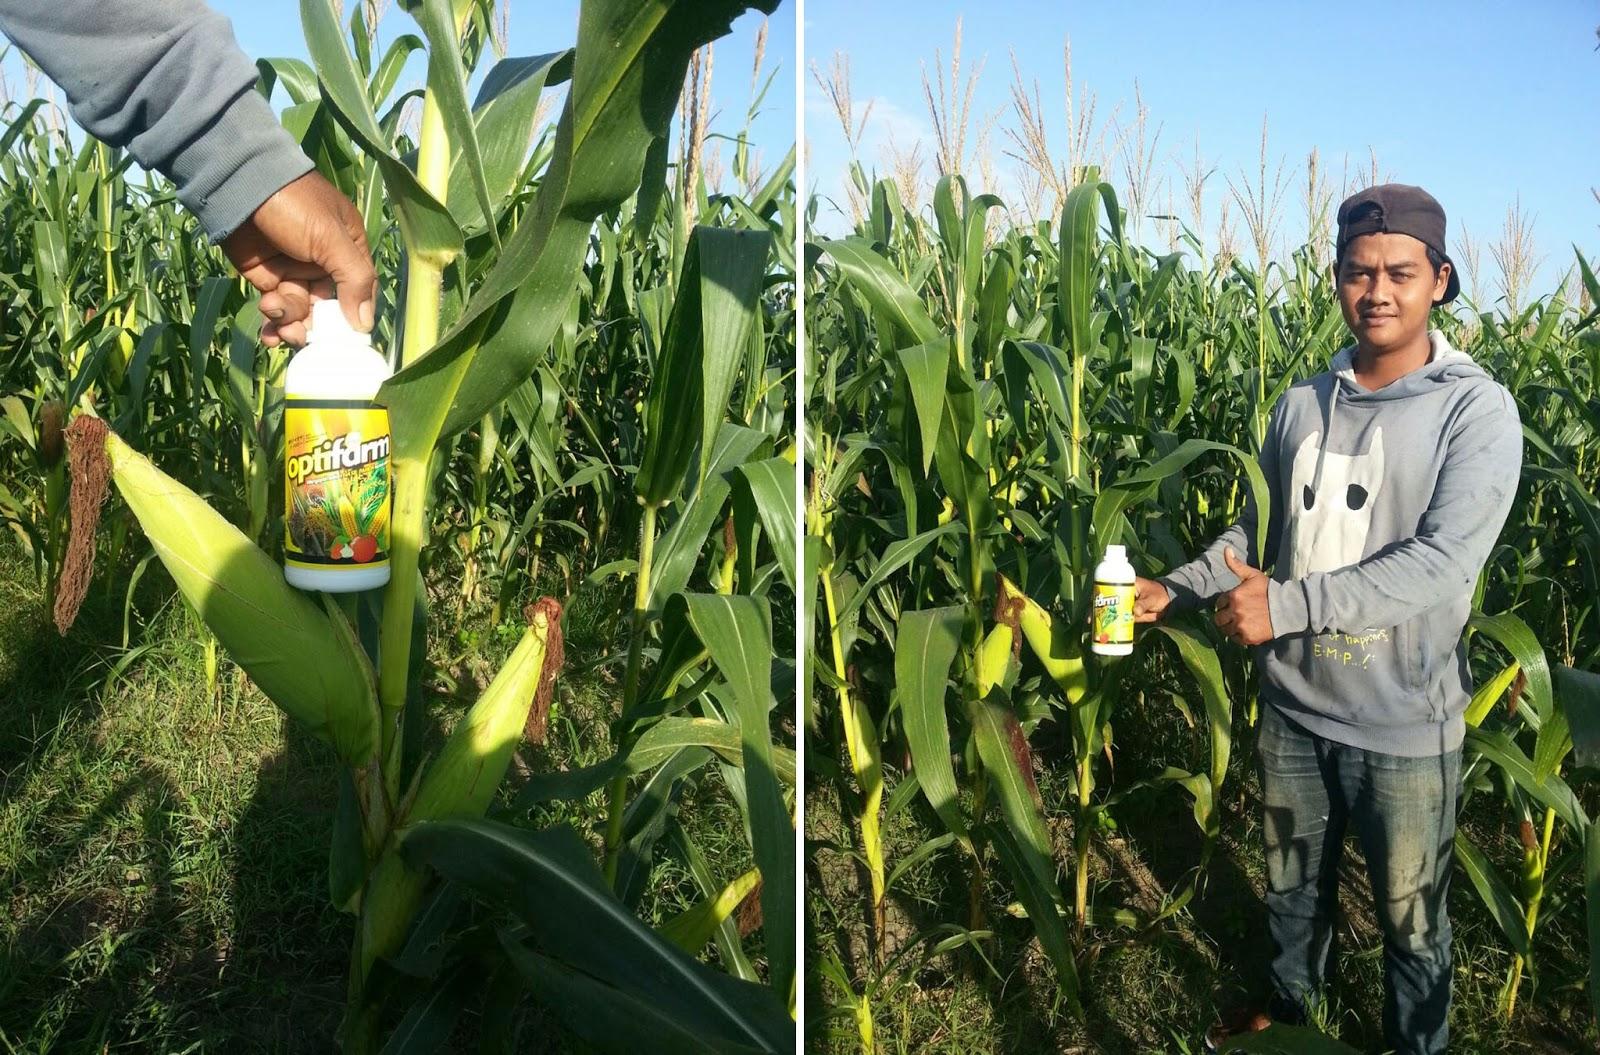 Walaupun irit pupuk dan pestisida, tanaman jagung bebas bulai tongkol jadi besar